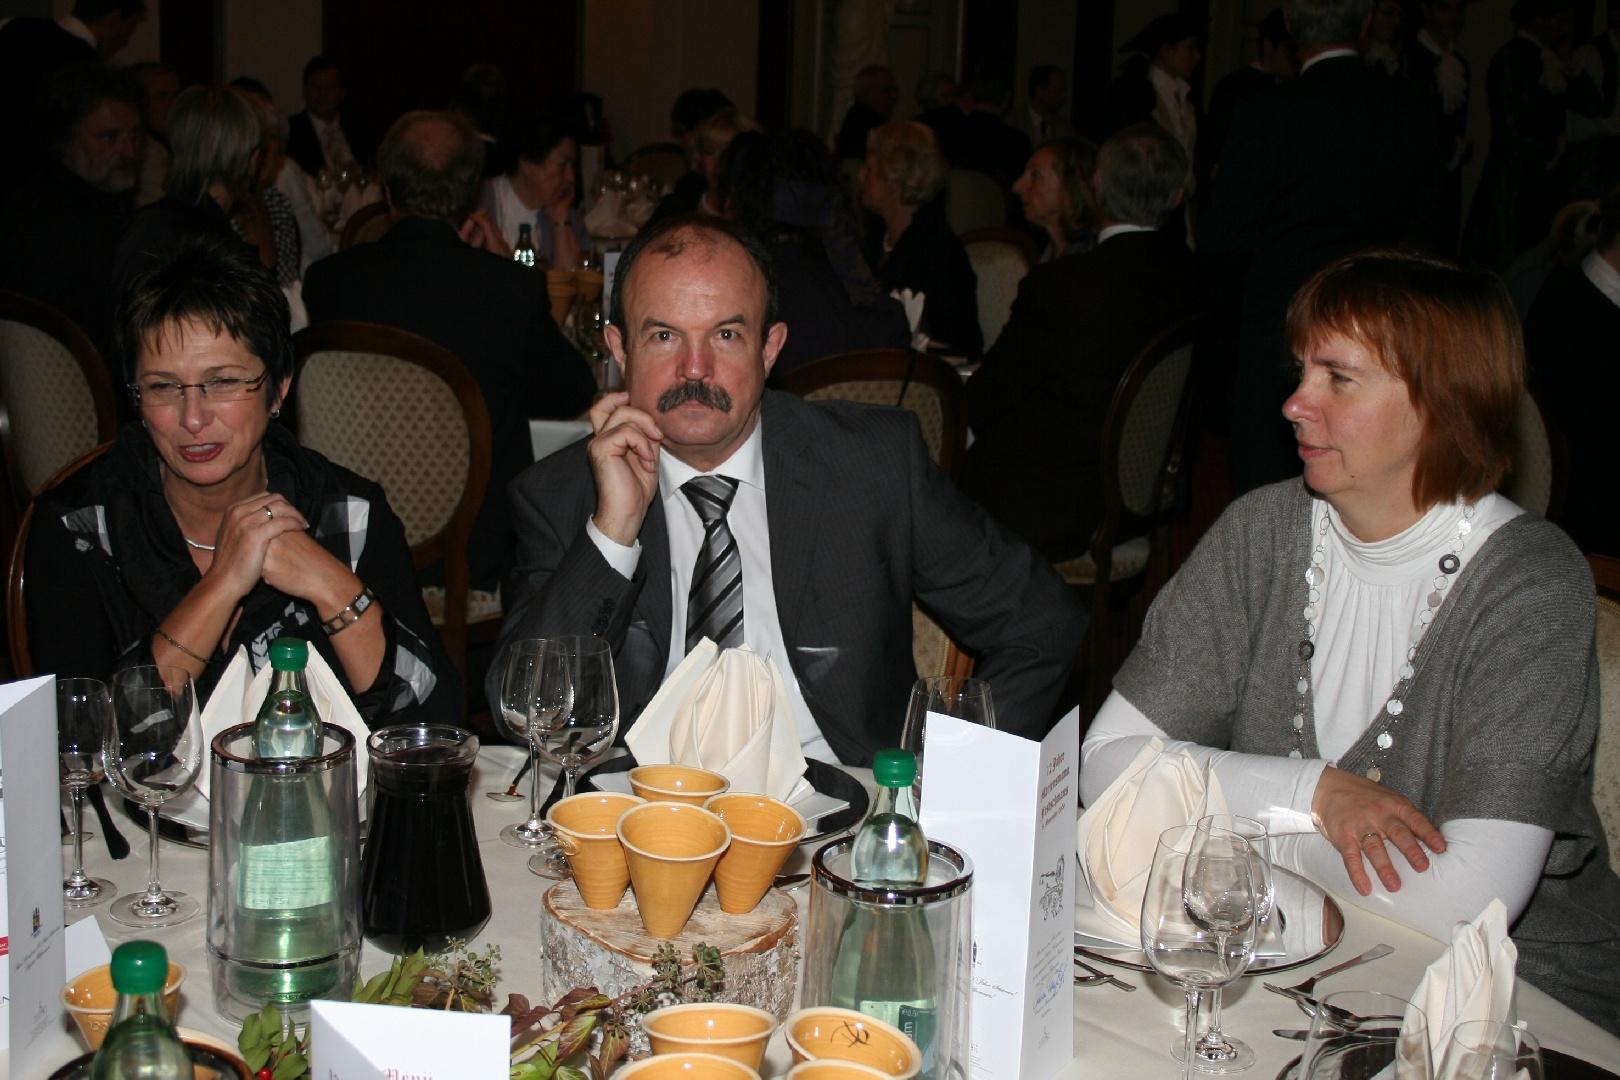 2009-11-08_Martensmannfestschmaus_193